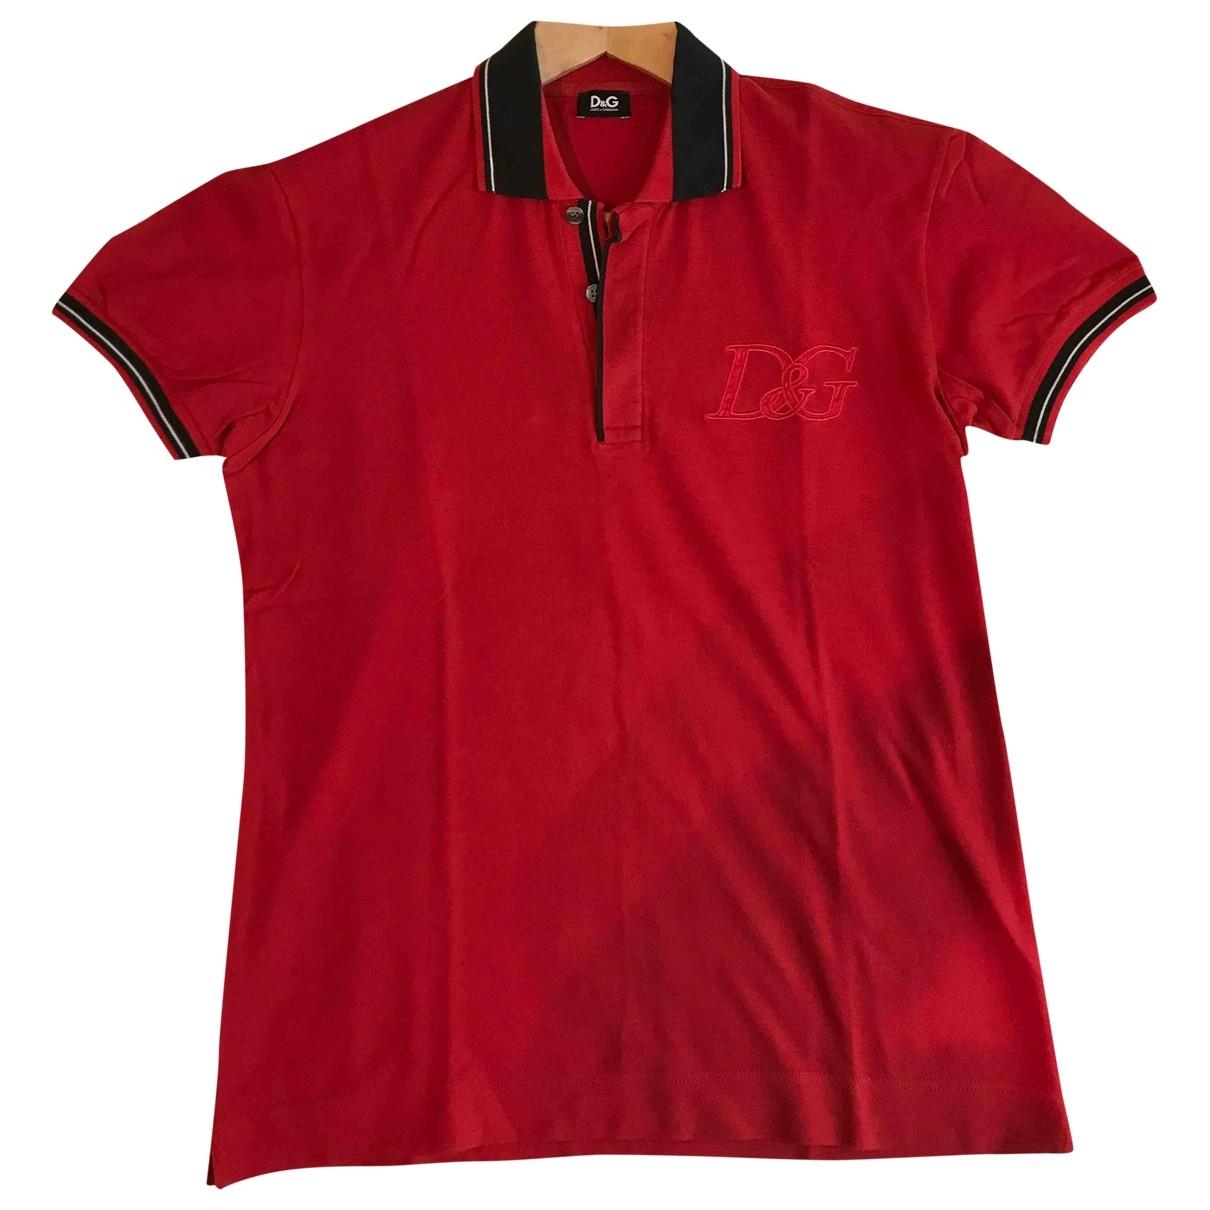 D&g - Polos   pour homme en coton - rouge